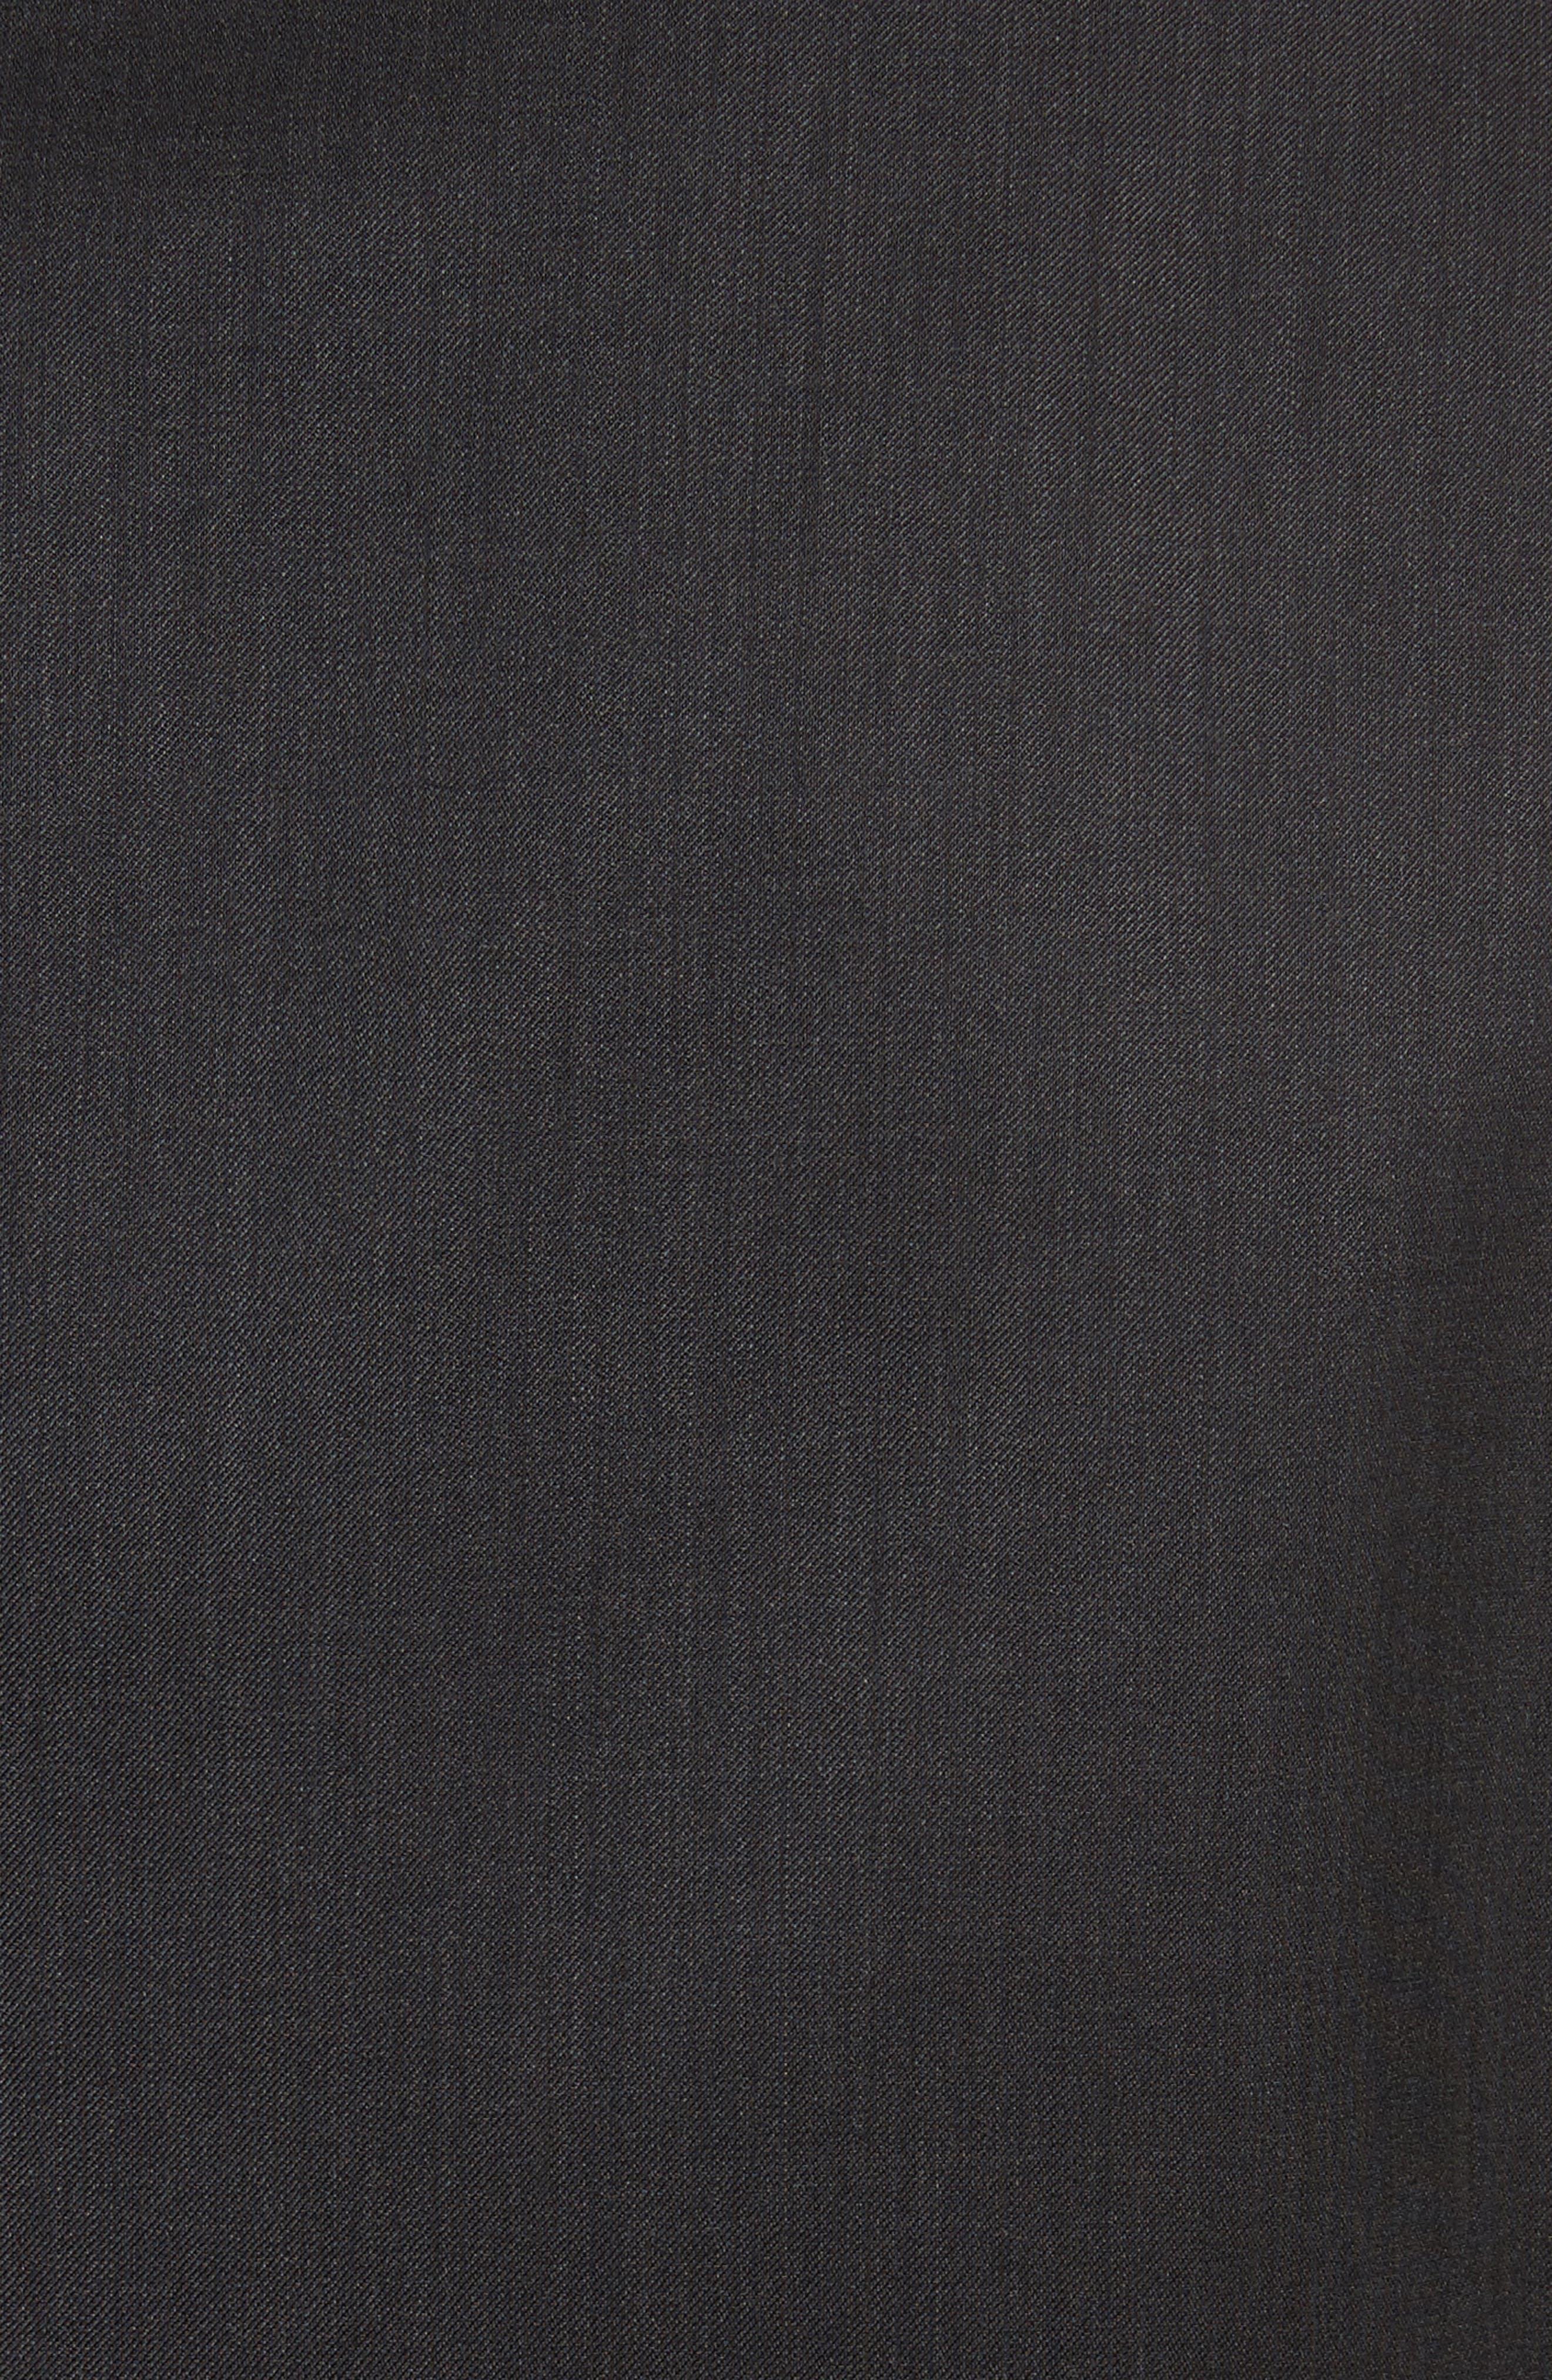 'G-Line' Trim Fit Solid Wool Suit,                             Alternate thumbnail 10, color,                             020